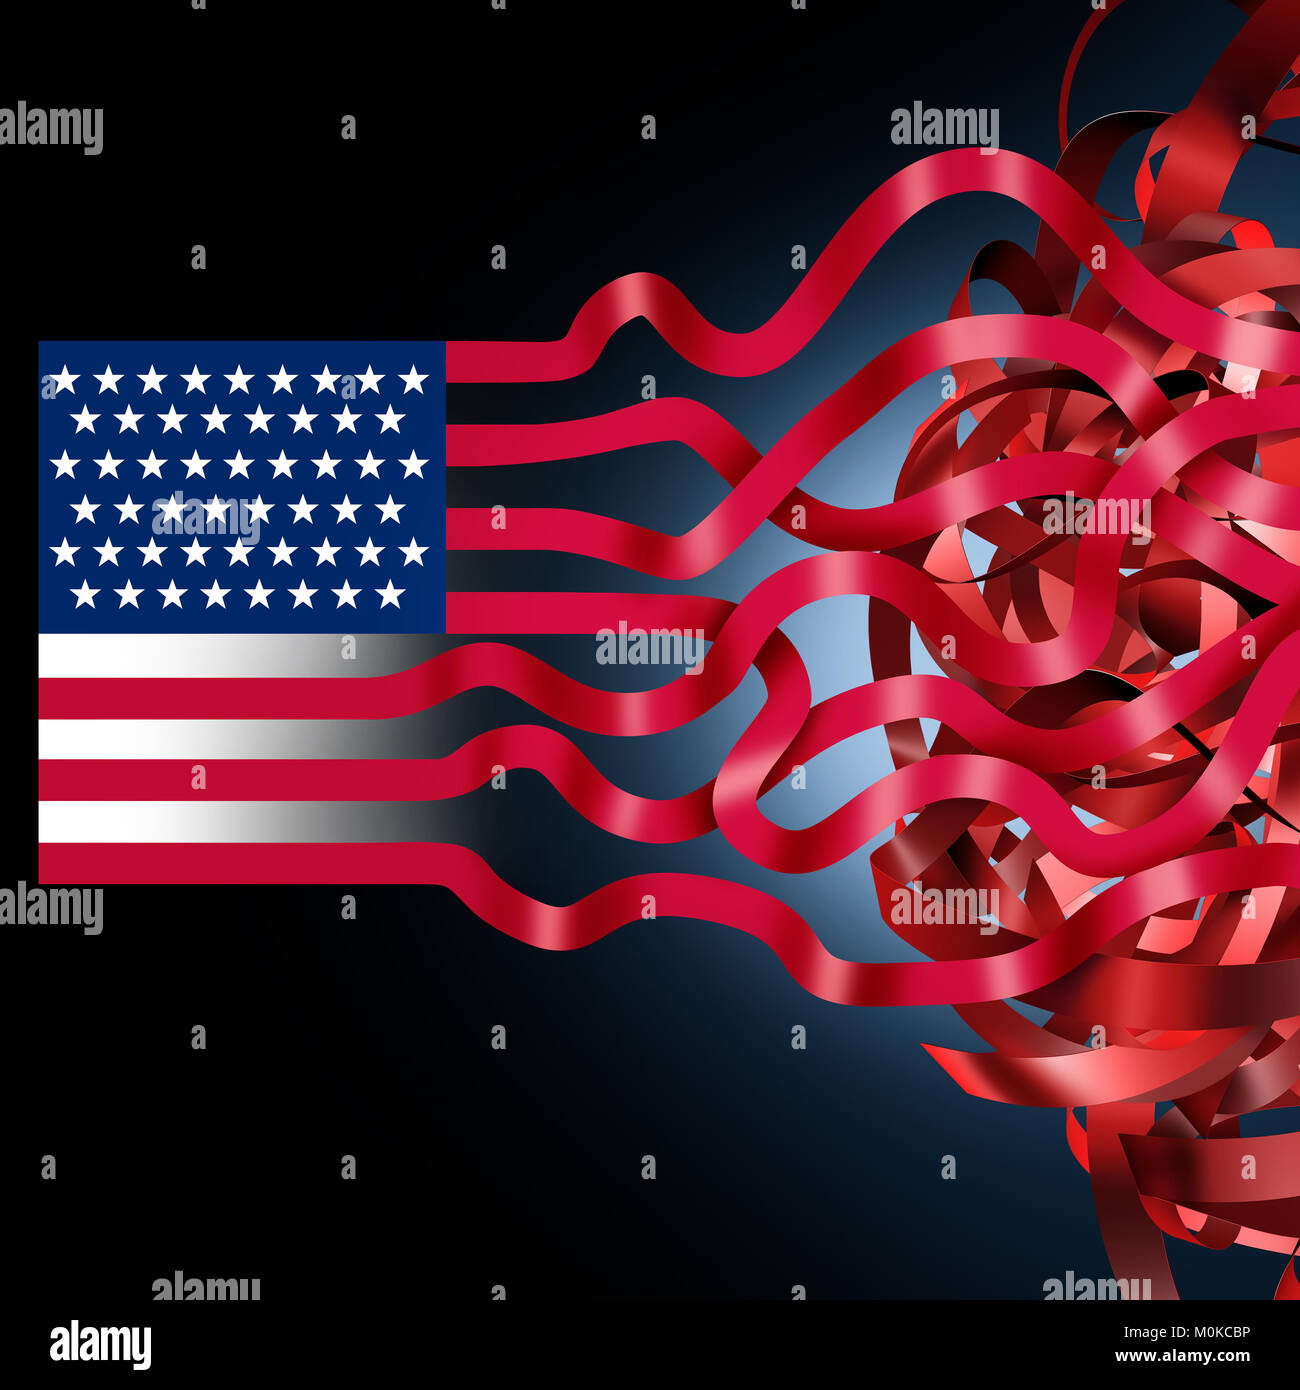 Amerikanische Regierung shutdown United States Federal Verwirrung wegen Ausgabe Rechnung Uneinigkeit als National Stockbild